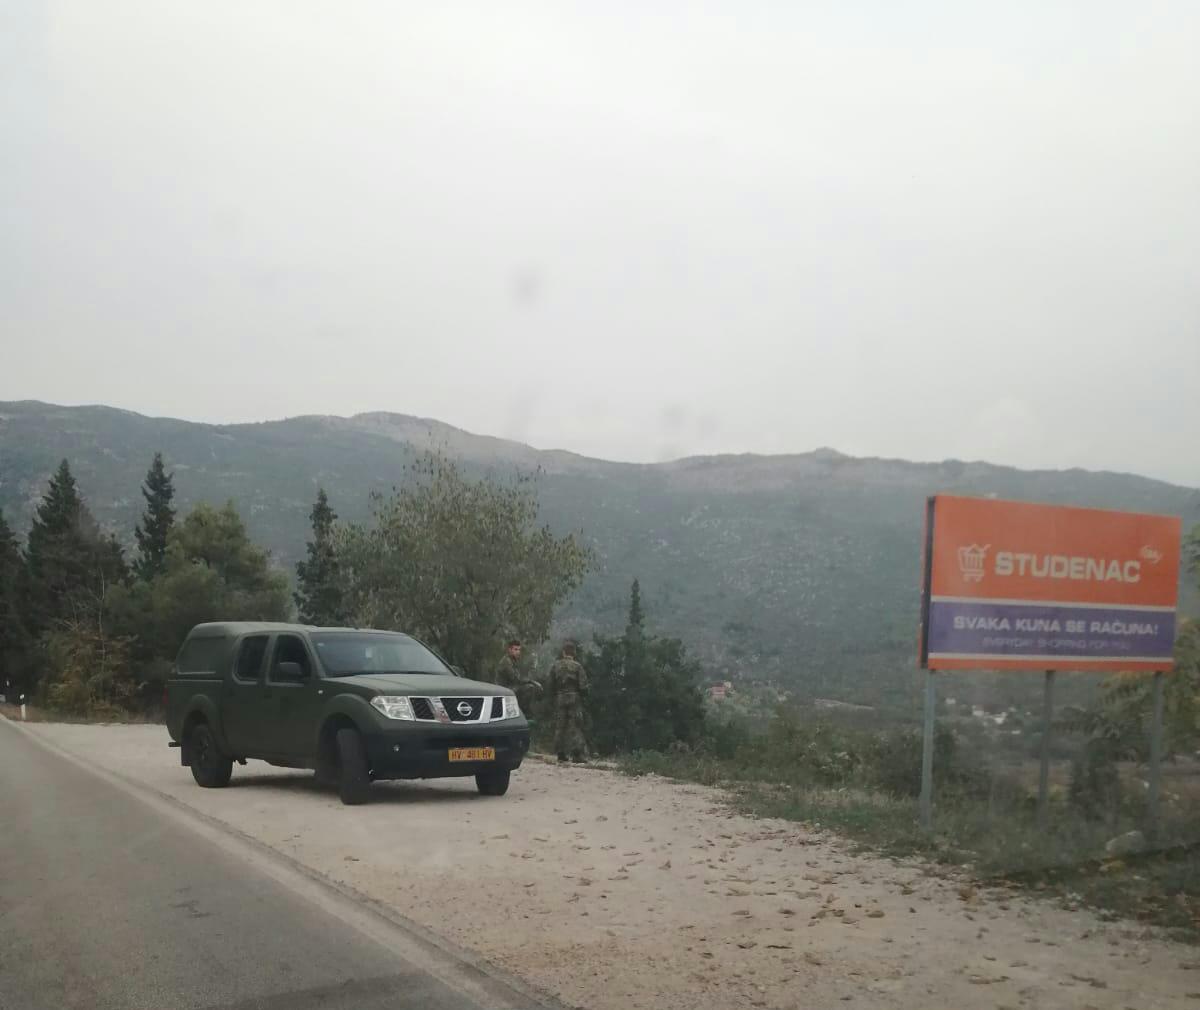 Dvojica pripadnika HV-a snimljeni kako motre državnu granicu